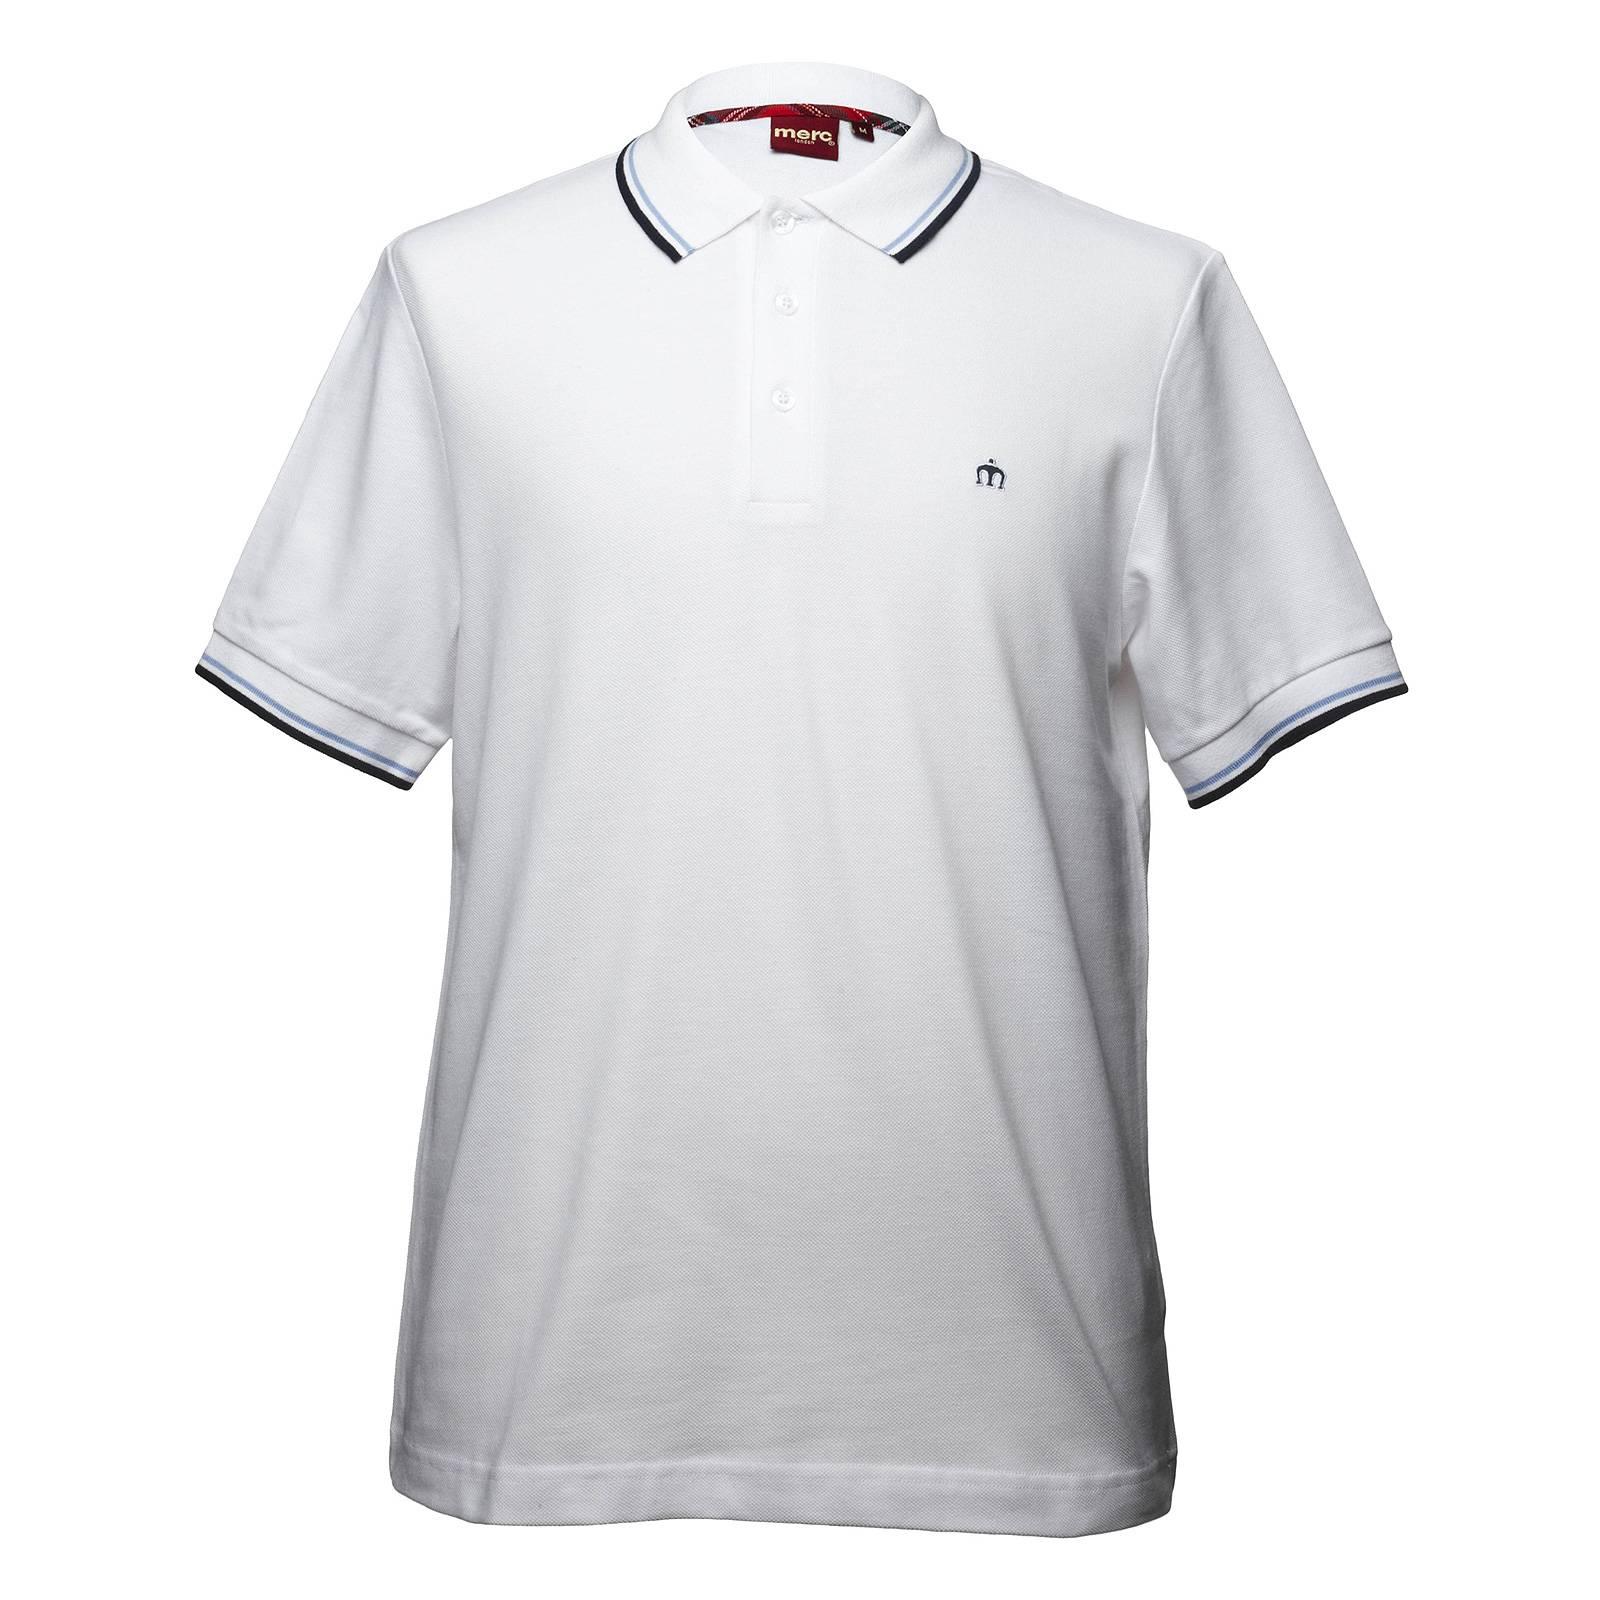 Рубашка Поло CardRude Boy by Merc<br>Эта легендарная, выпускаемая на протяжении десятилетий модель базовой линии &amp;amp;quot;Core&amp;amp;quot; производится из высококачественной хлопковой ткани &amp;amp;quot;пике&amp;amp;quot; - прочной и долговечной. Аккуратный логотип в виде короны привносит аристократизм, контрастные полосы на воротнике и манжетах подчеркивают силуэт, а широкая цветовая палитра поможет подобрать ключ к любому гардеробу - от различного фасона джинсов и брюк до строгой обуви или кроссовок. Нестареющая классика от Merc - традиции и современность.<br><br>Артикул: 1906203<br>Материал: 100% хлопок<br>Цвет: белый<br>Пол: Мужской